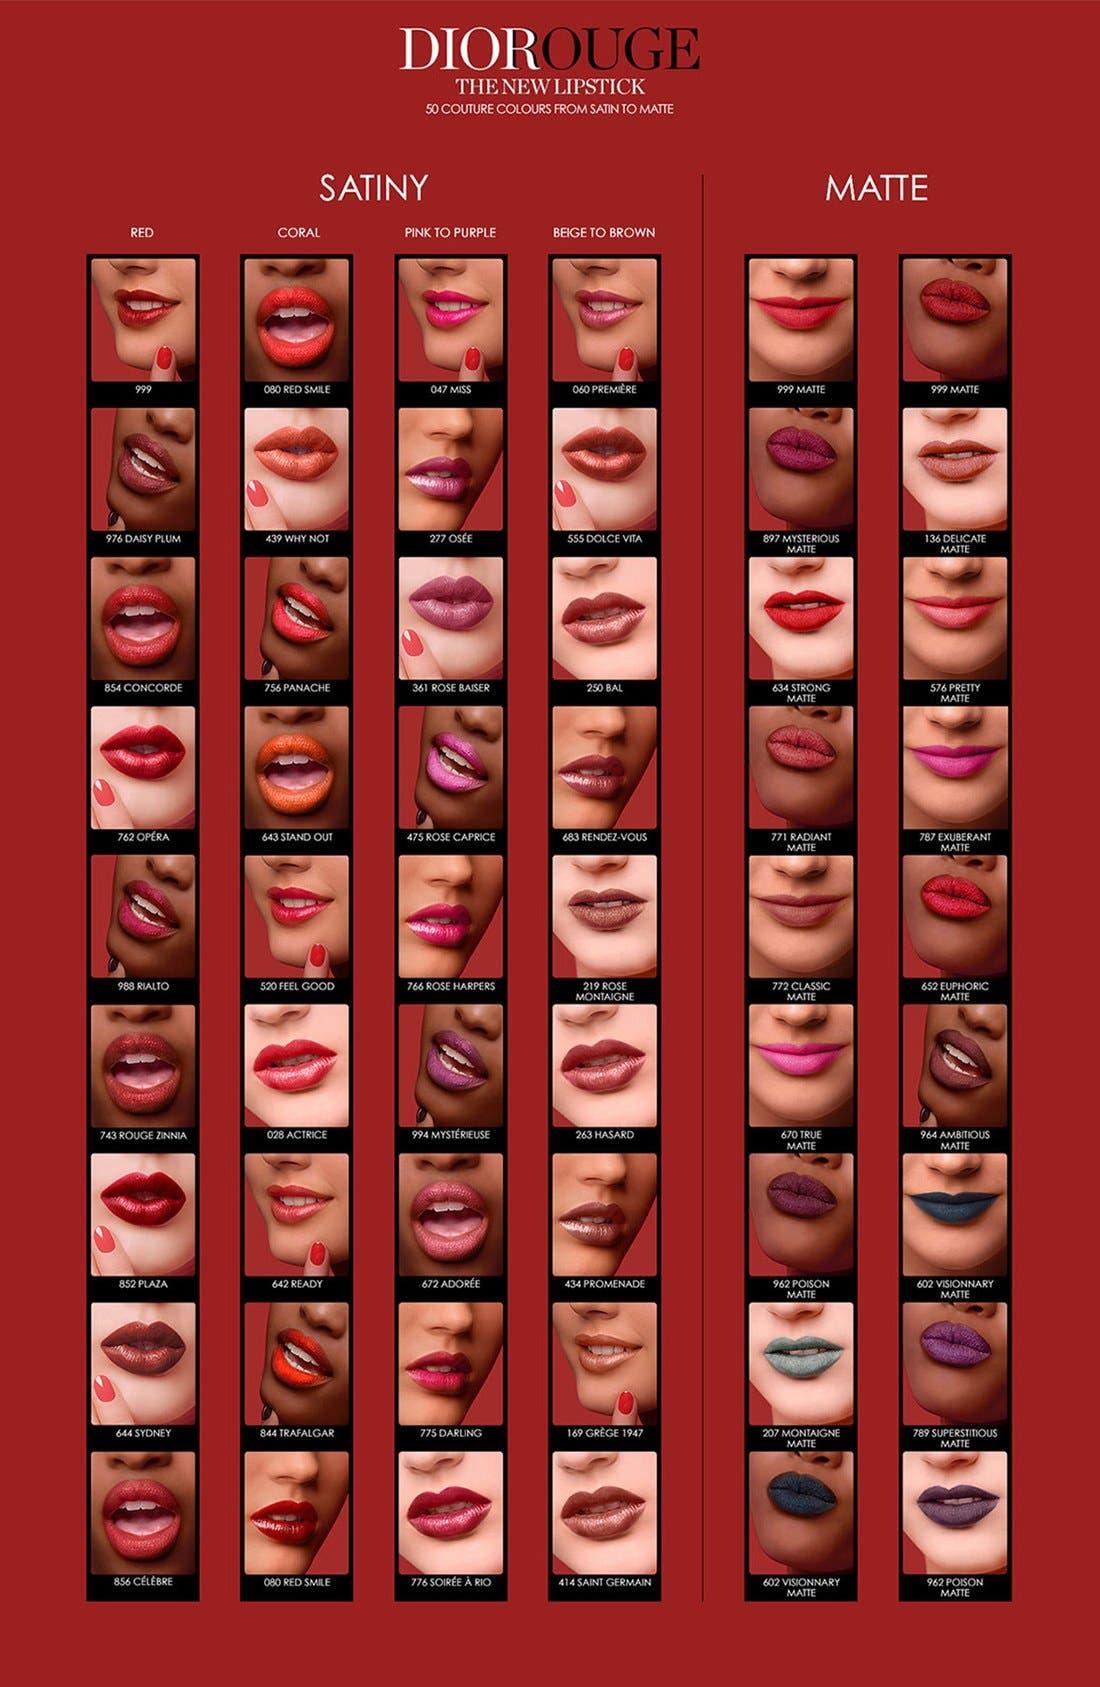 Couture Color Rouge Dior Lipstick,                             Alternate thumbnail 2, color,                             810 DISTINCT MATTE